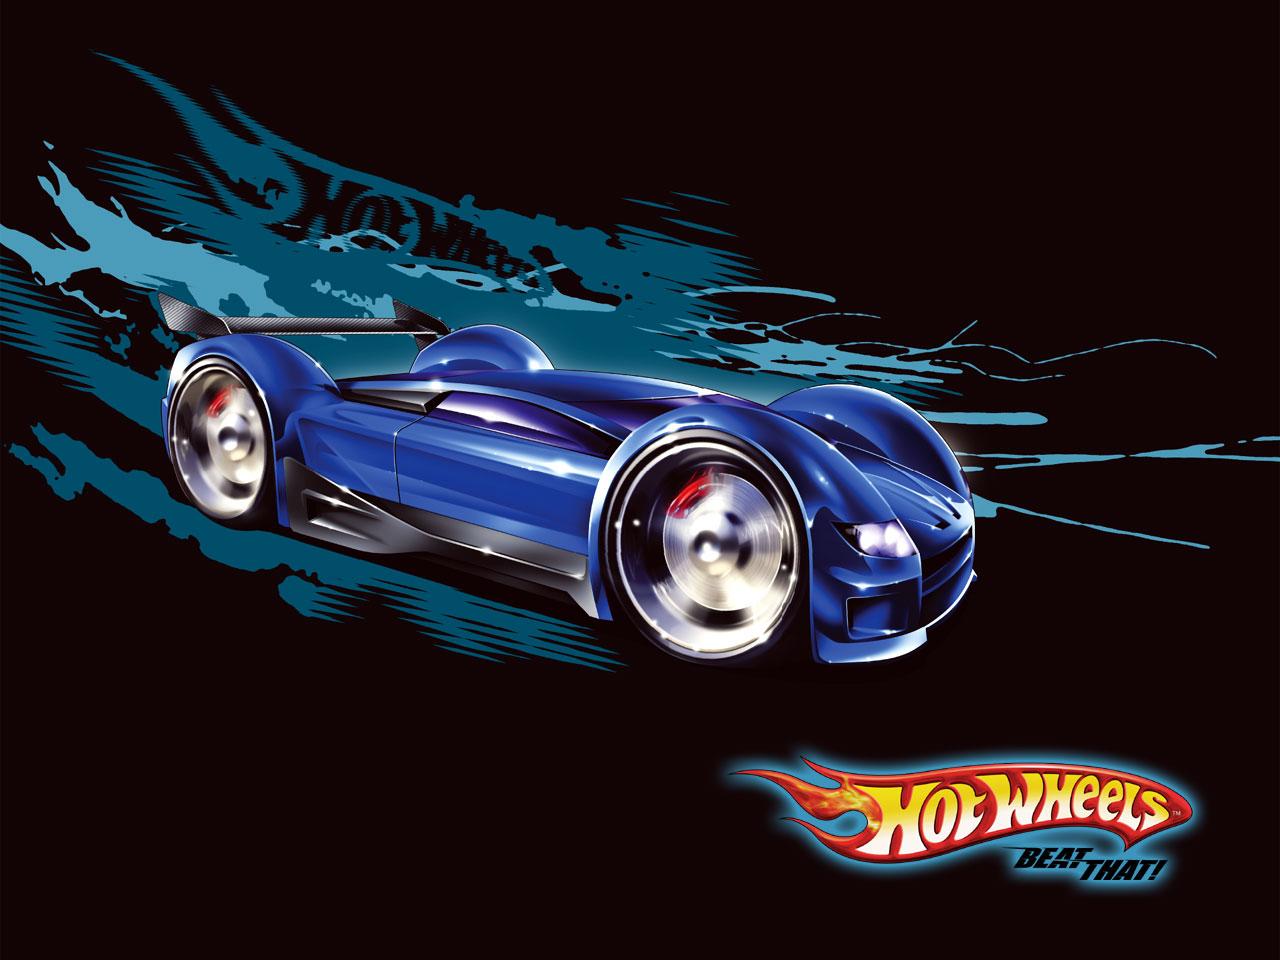 Ferrari F12 Hd Wallpapers Hot Wheels Im 225 Genes Hot Wheels Hd Fondo De Pantalla And